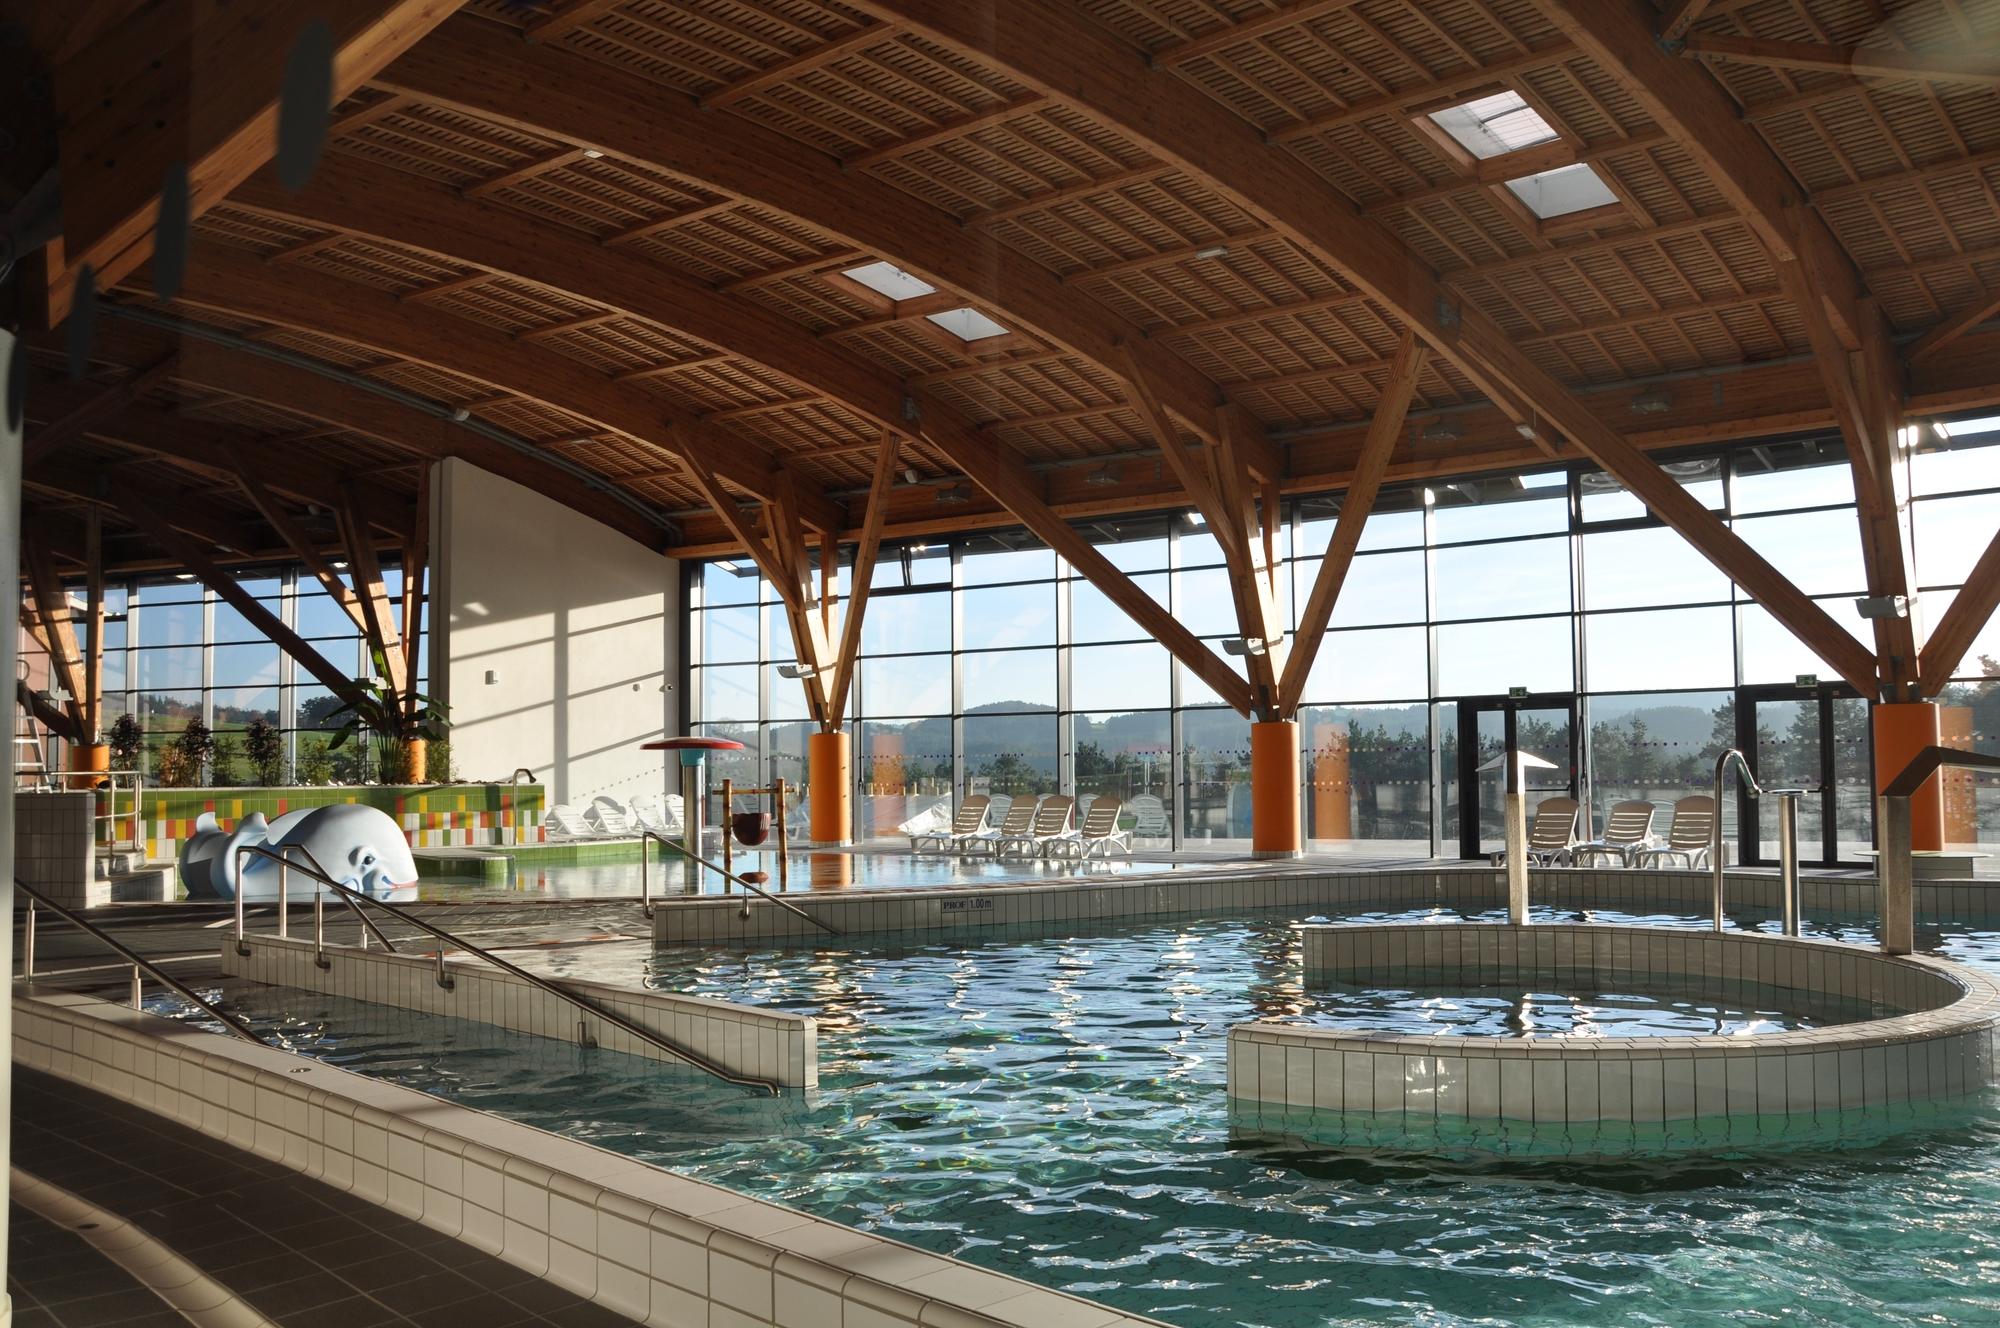 Centre aquatique l 39 ozen auvergne vacances for Piscine la charite sur loire